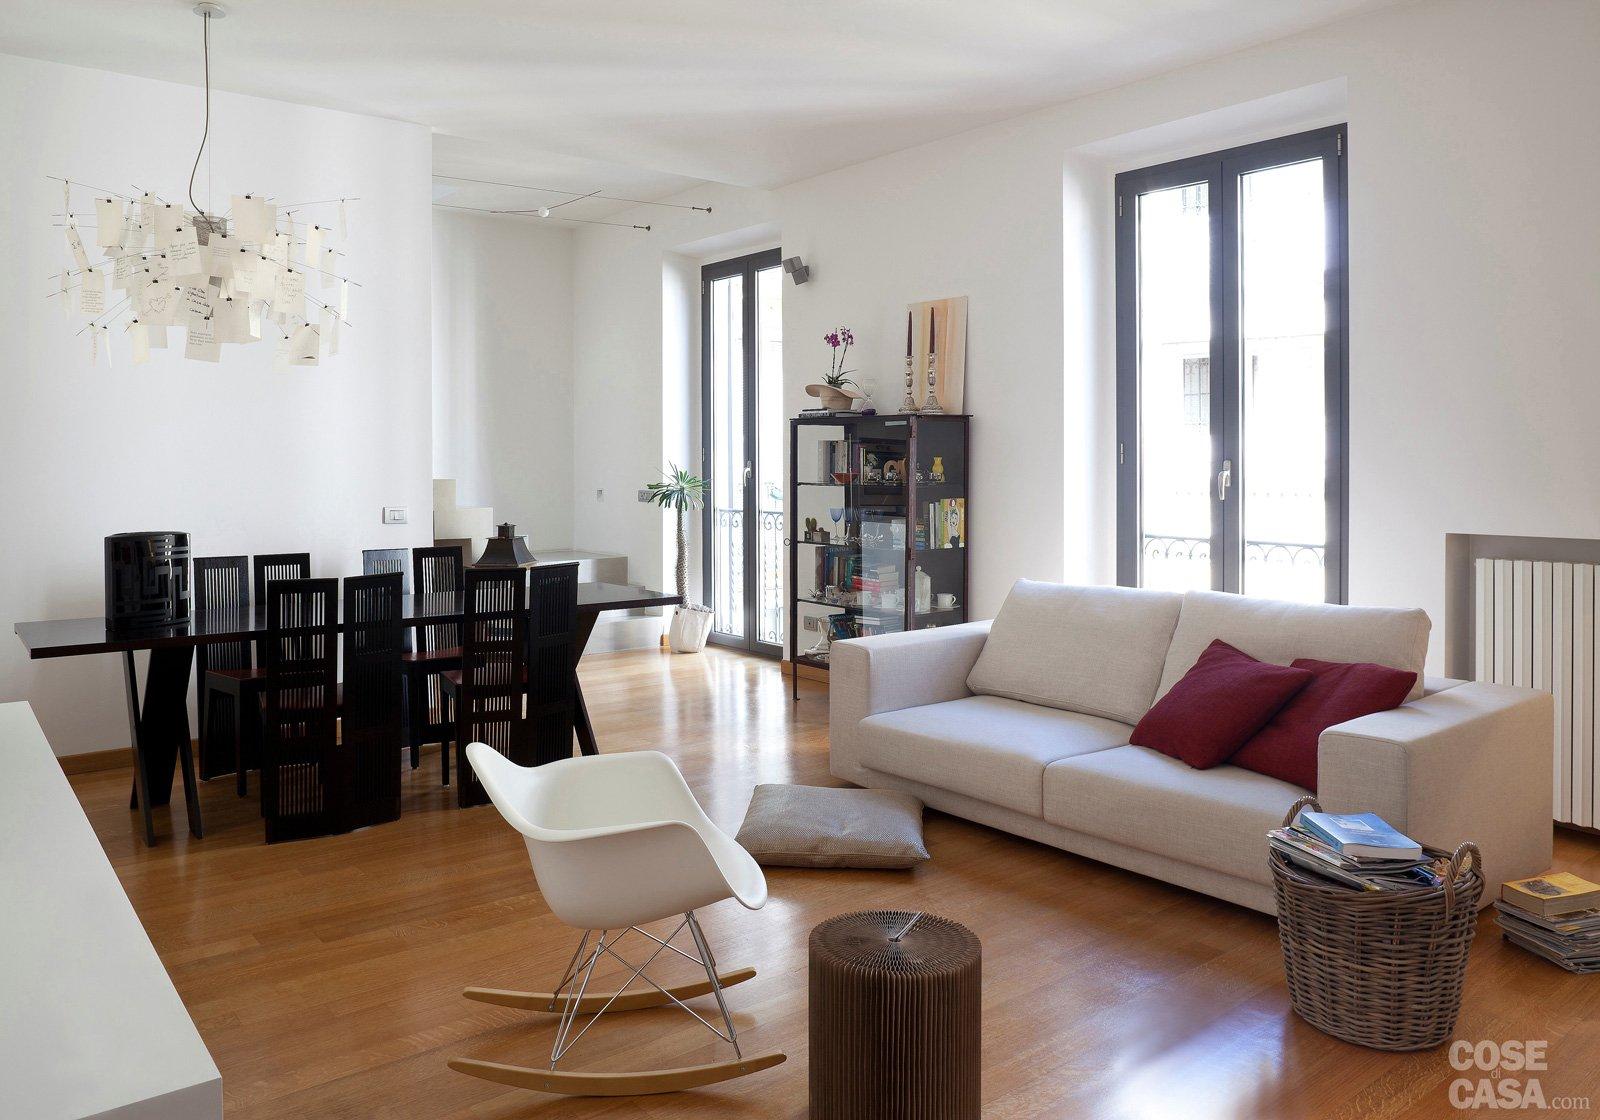 Una casa da copiare 10 idee tra spunti d 39 arredo e decor for Piano terra con 3 camere da letto con dimensioni pdf